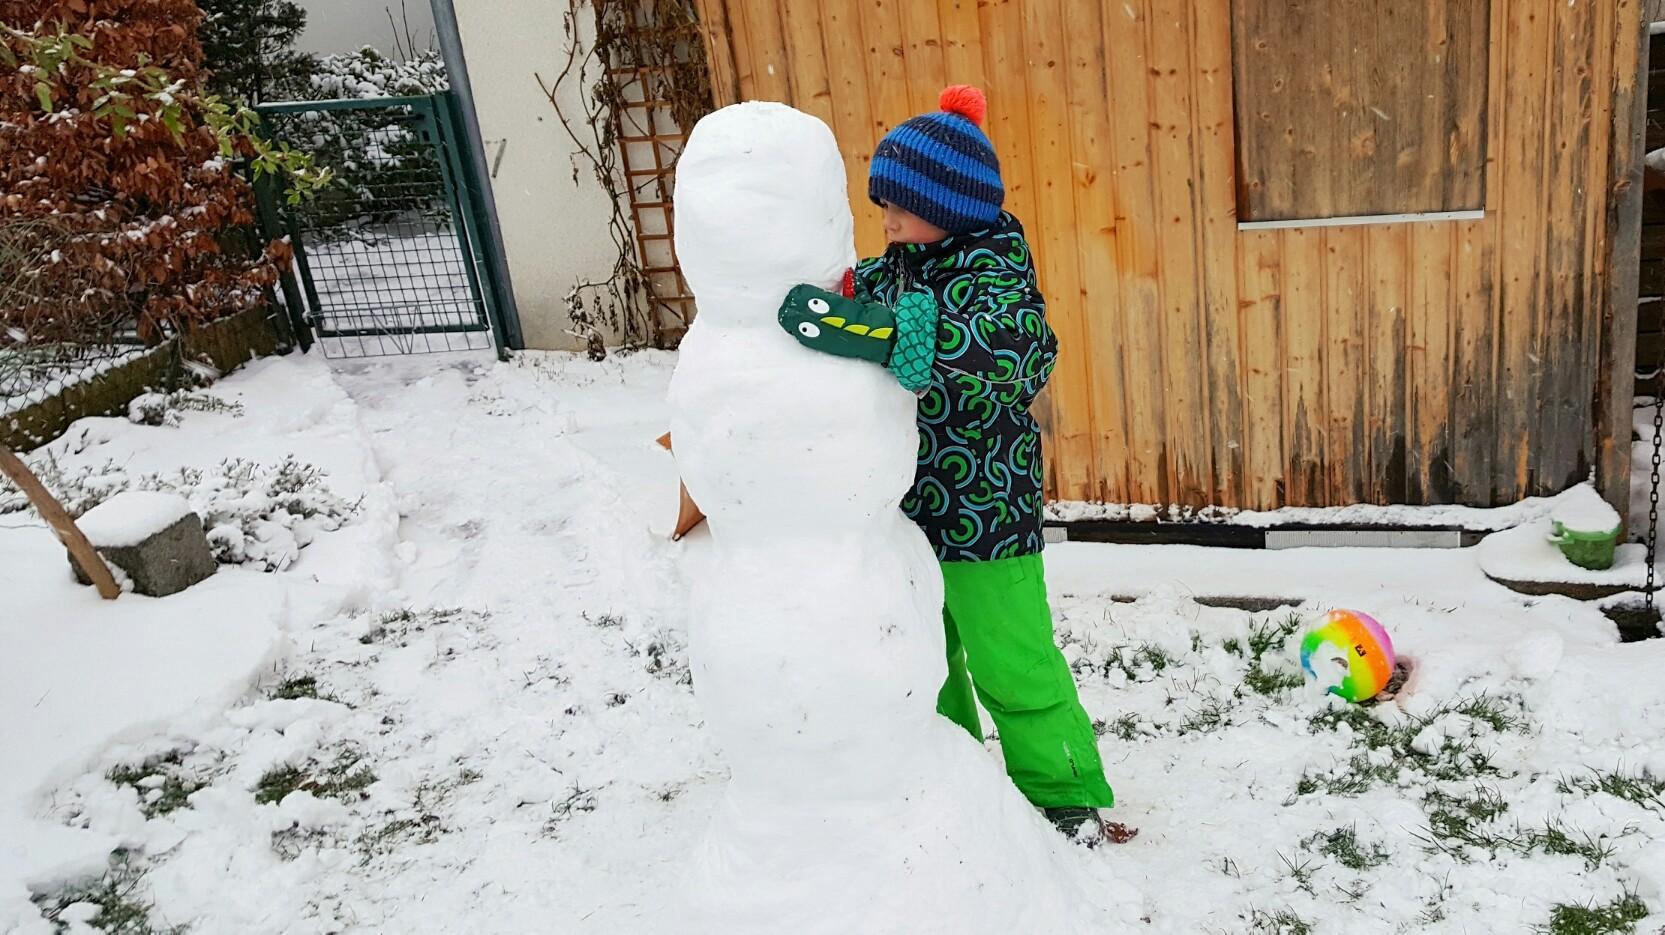 Schneemann im Winter bauen